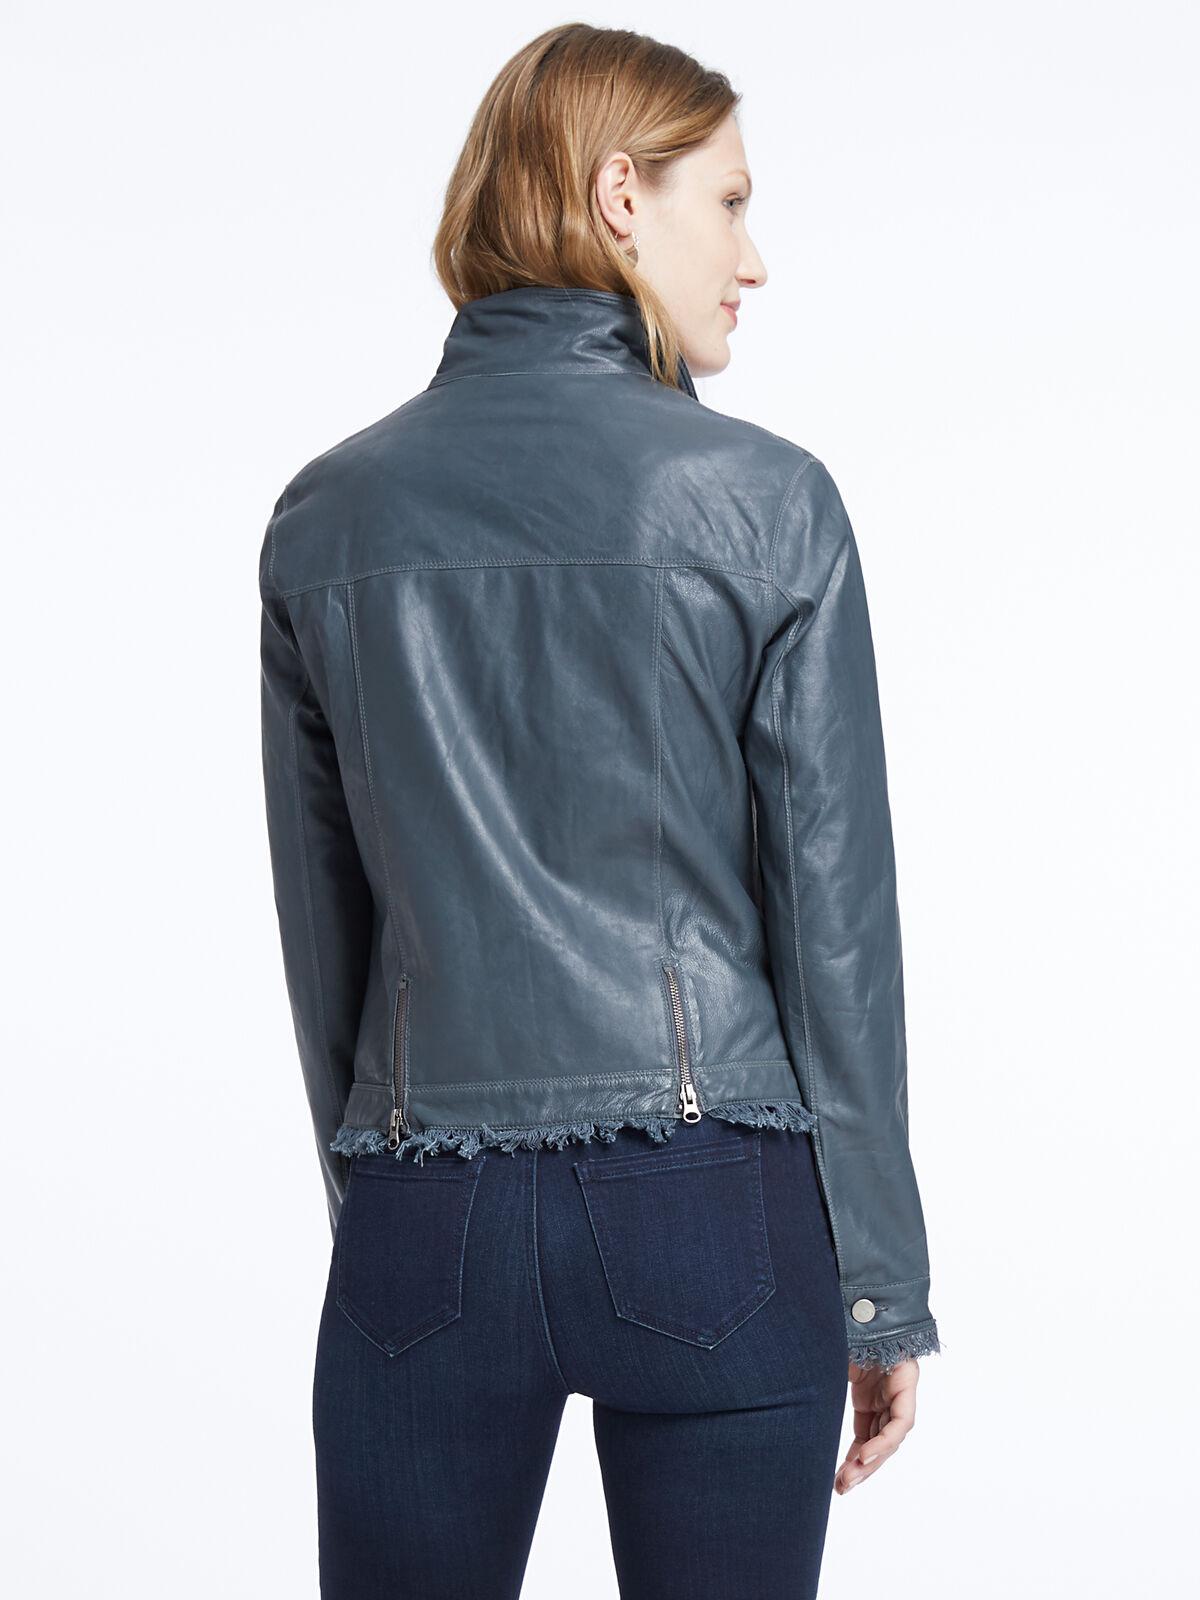 Jakett Washable Leather Jacket